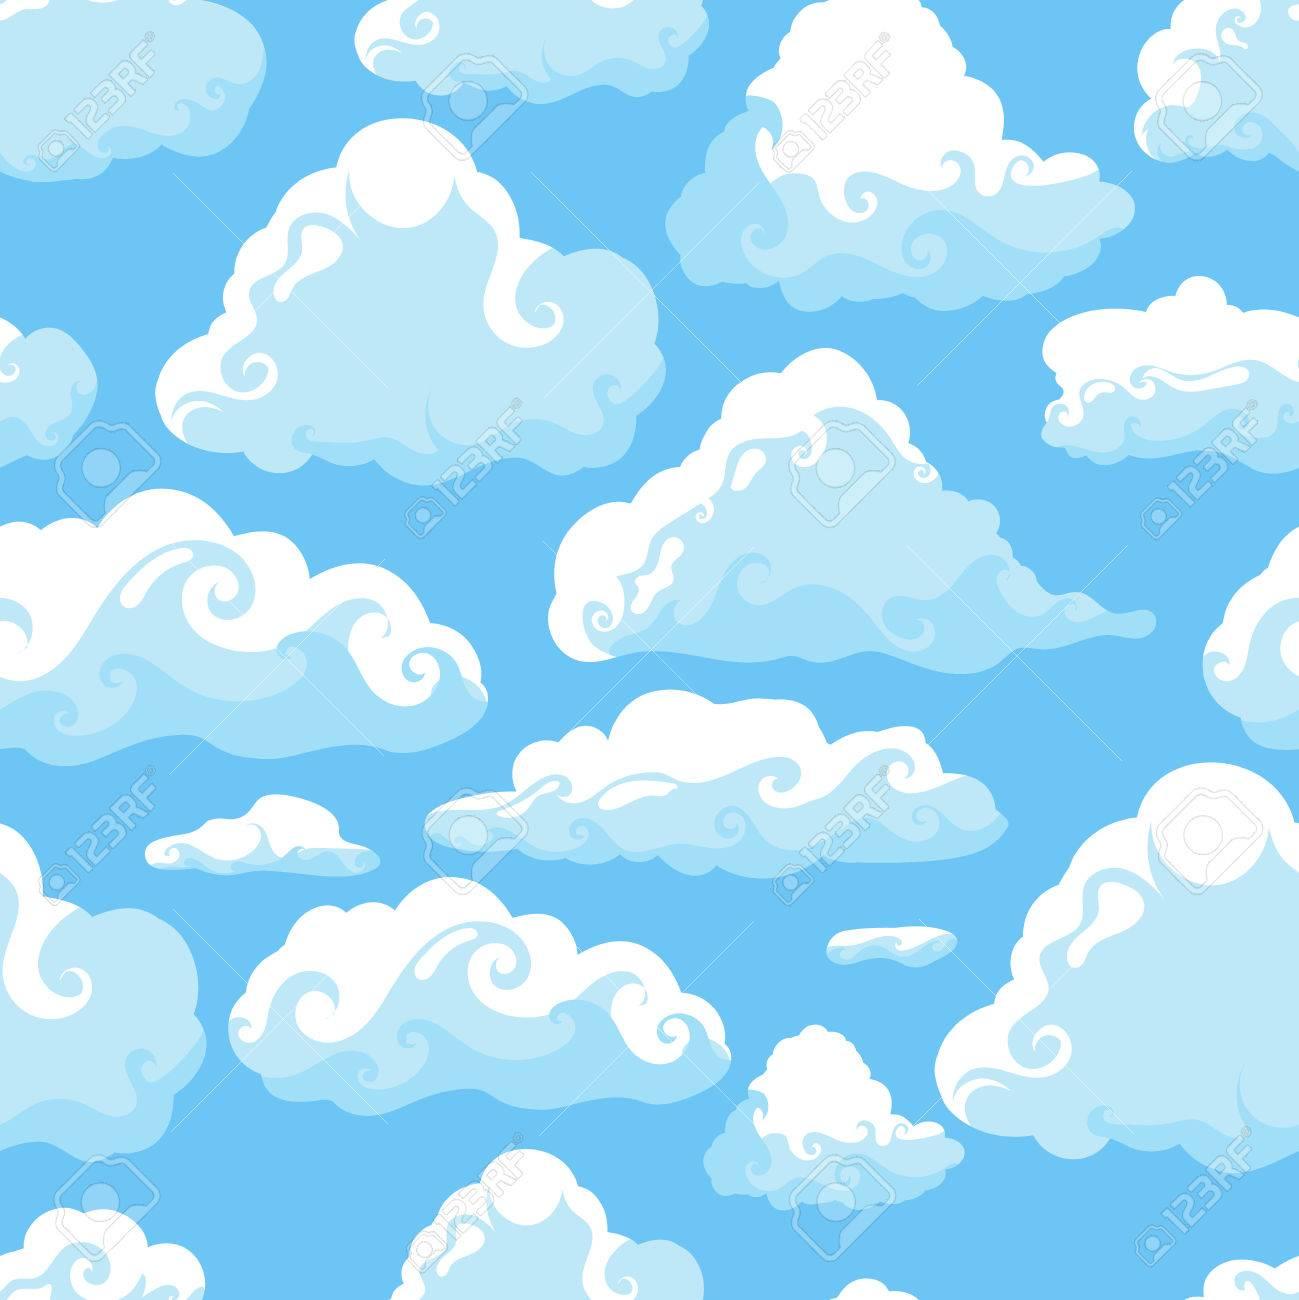 Cielo Azul Con Nubes Blancas Dibujado A Mano Patrón Transparente